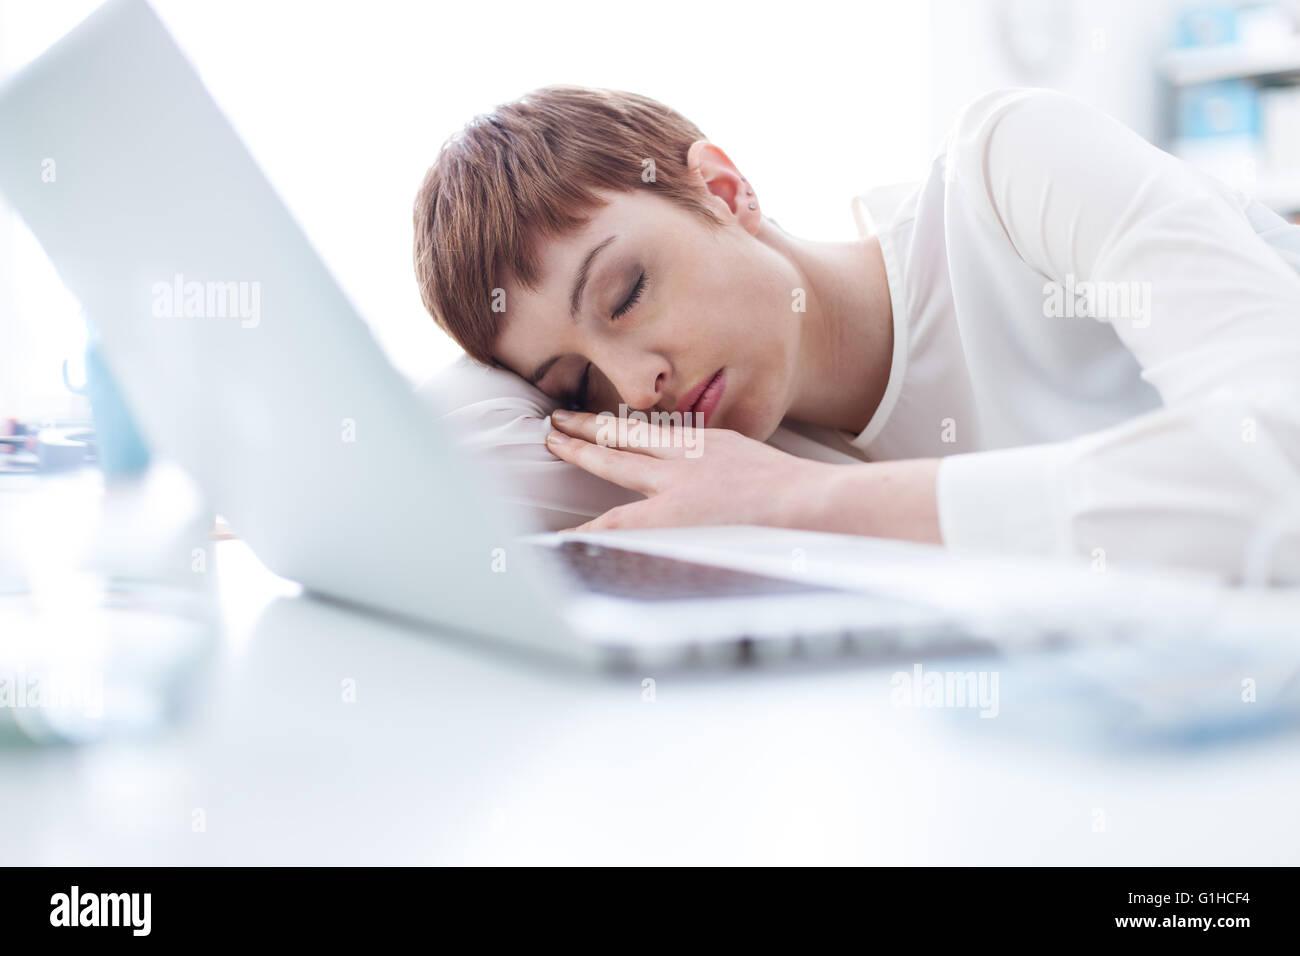 Two businesswomen dormir sur son bureau et s'appuyant sur son bras Photo Stock